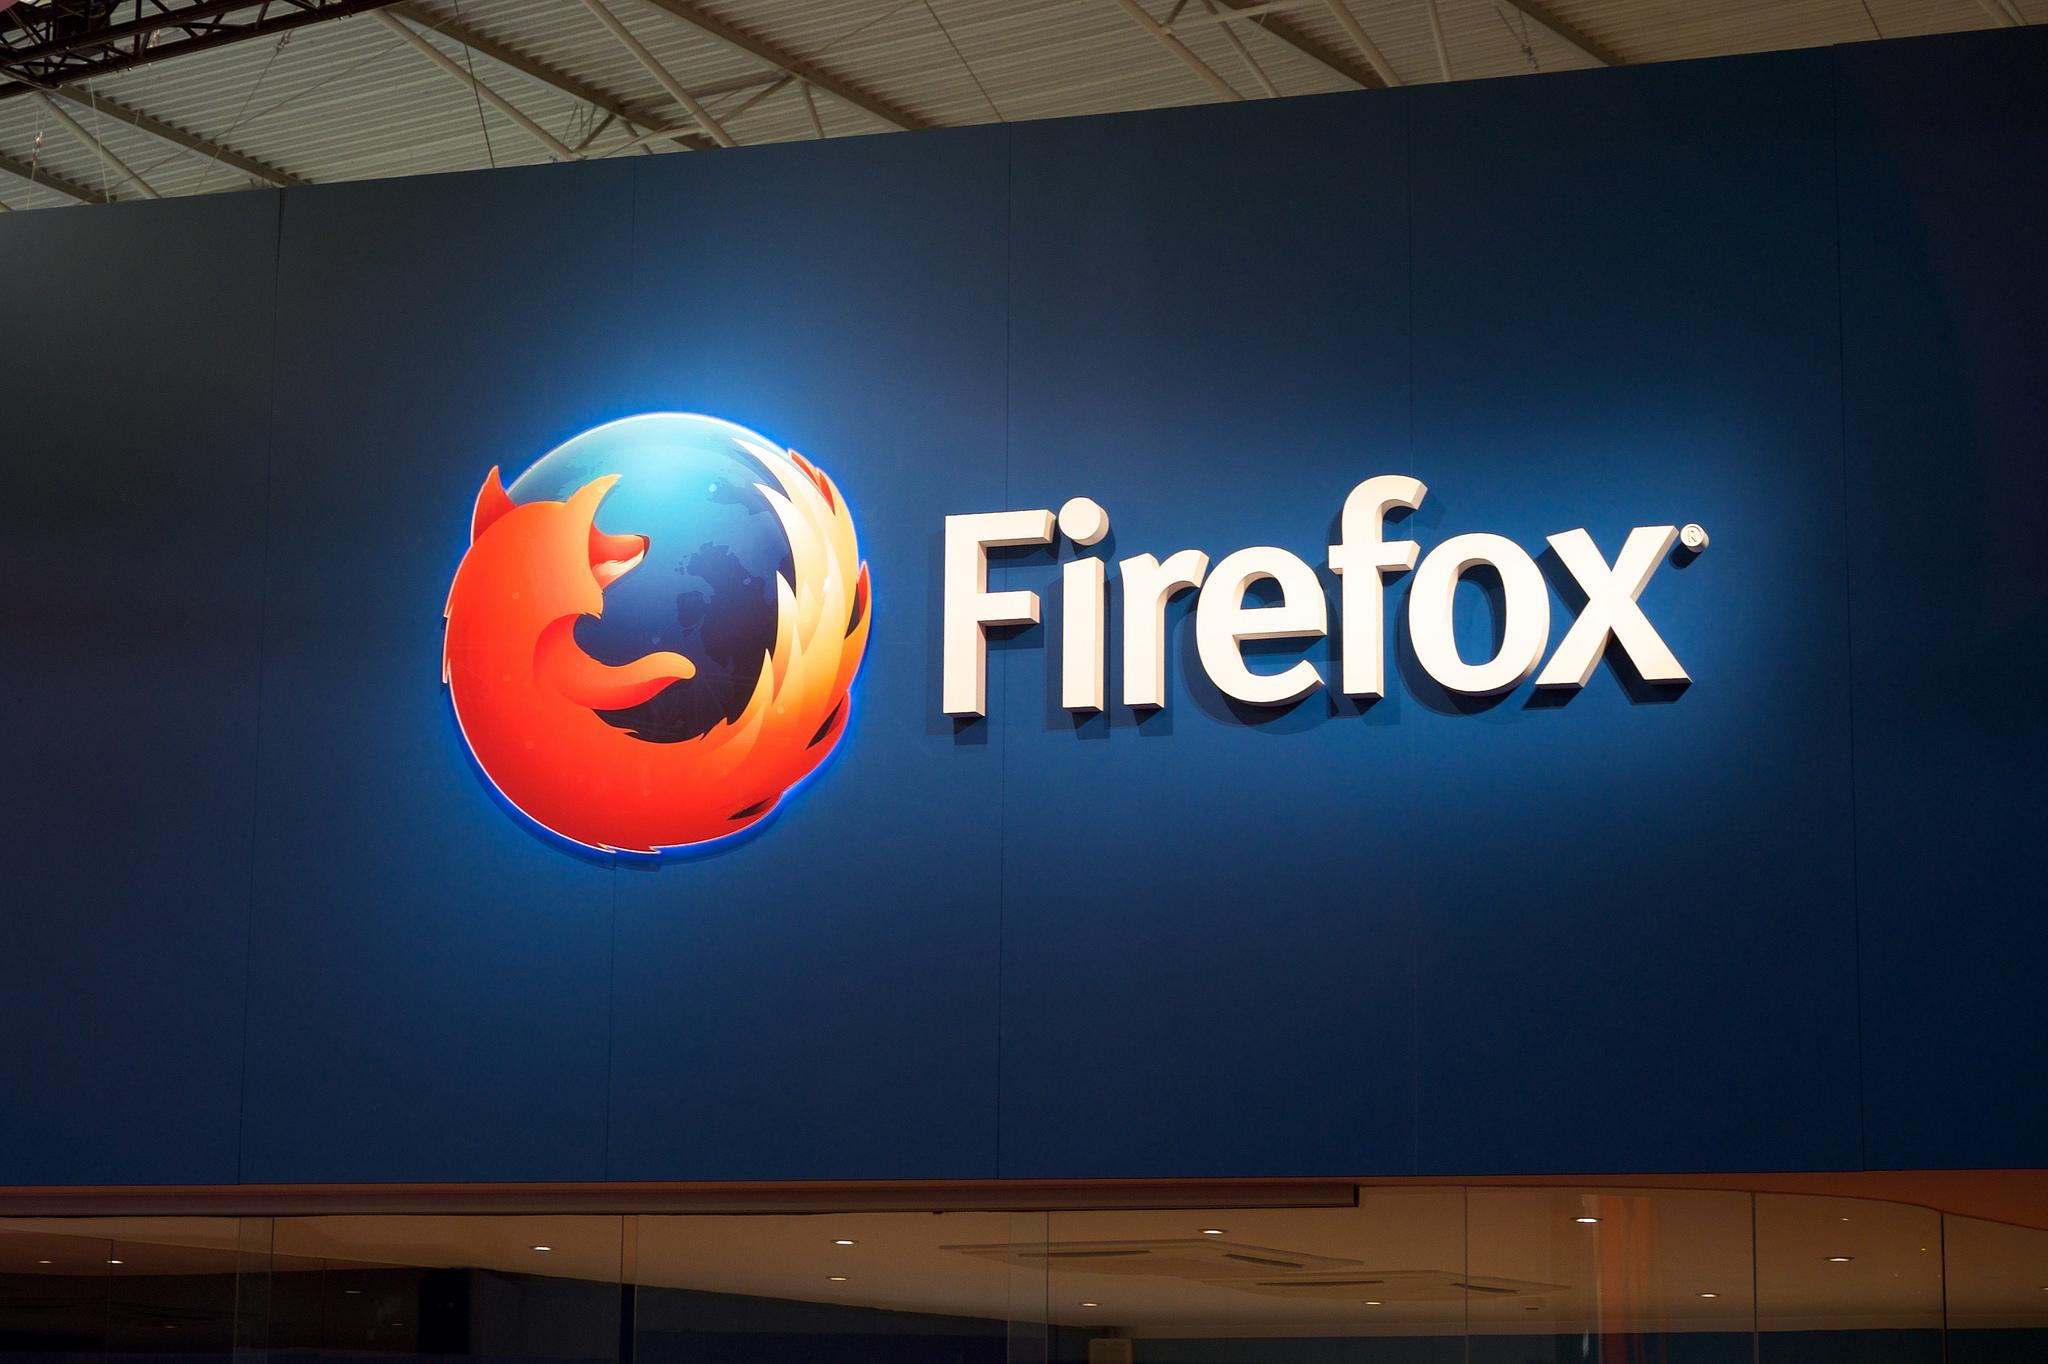 موزيلا تطلق أحدث إصدارات متصفح الويب فايرفوكس 66